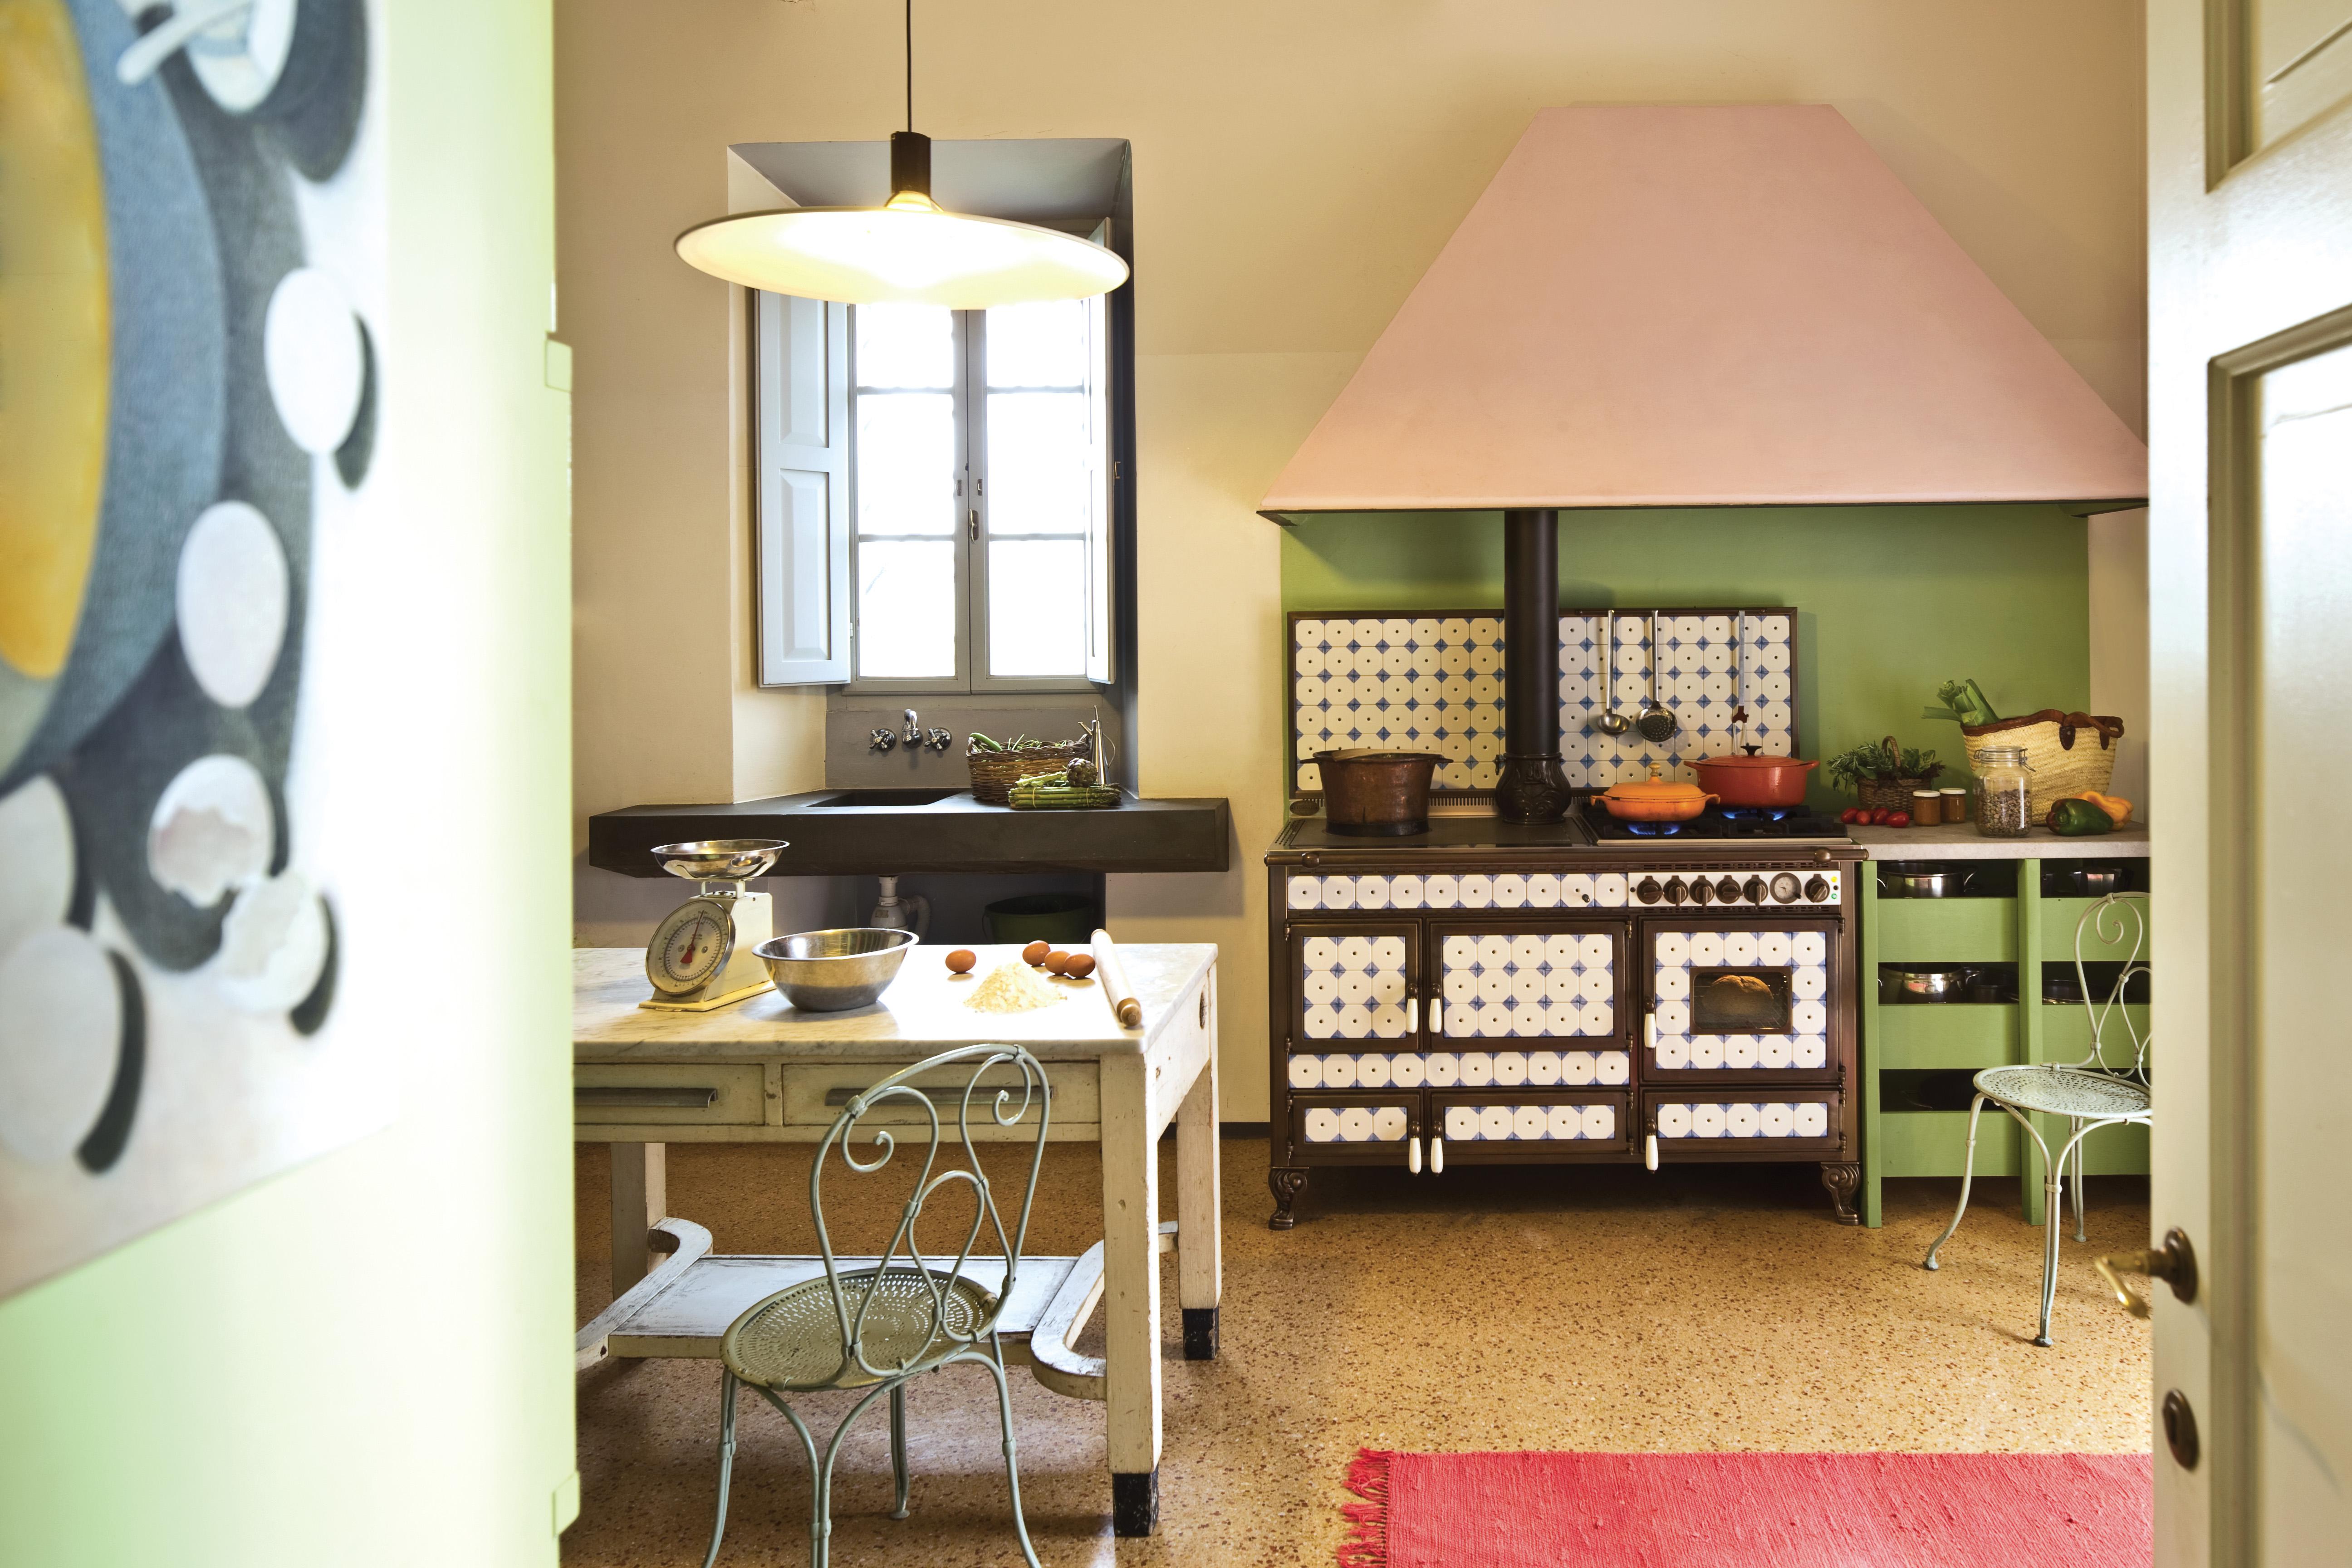 Il fascino senza tempo della ceramica: le cucine a legna e combinate ...